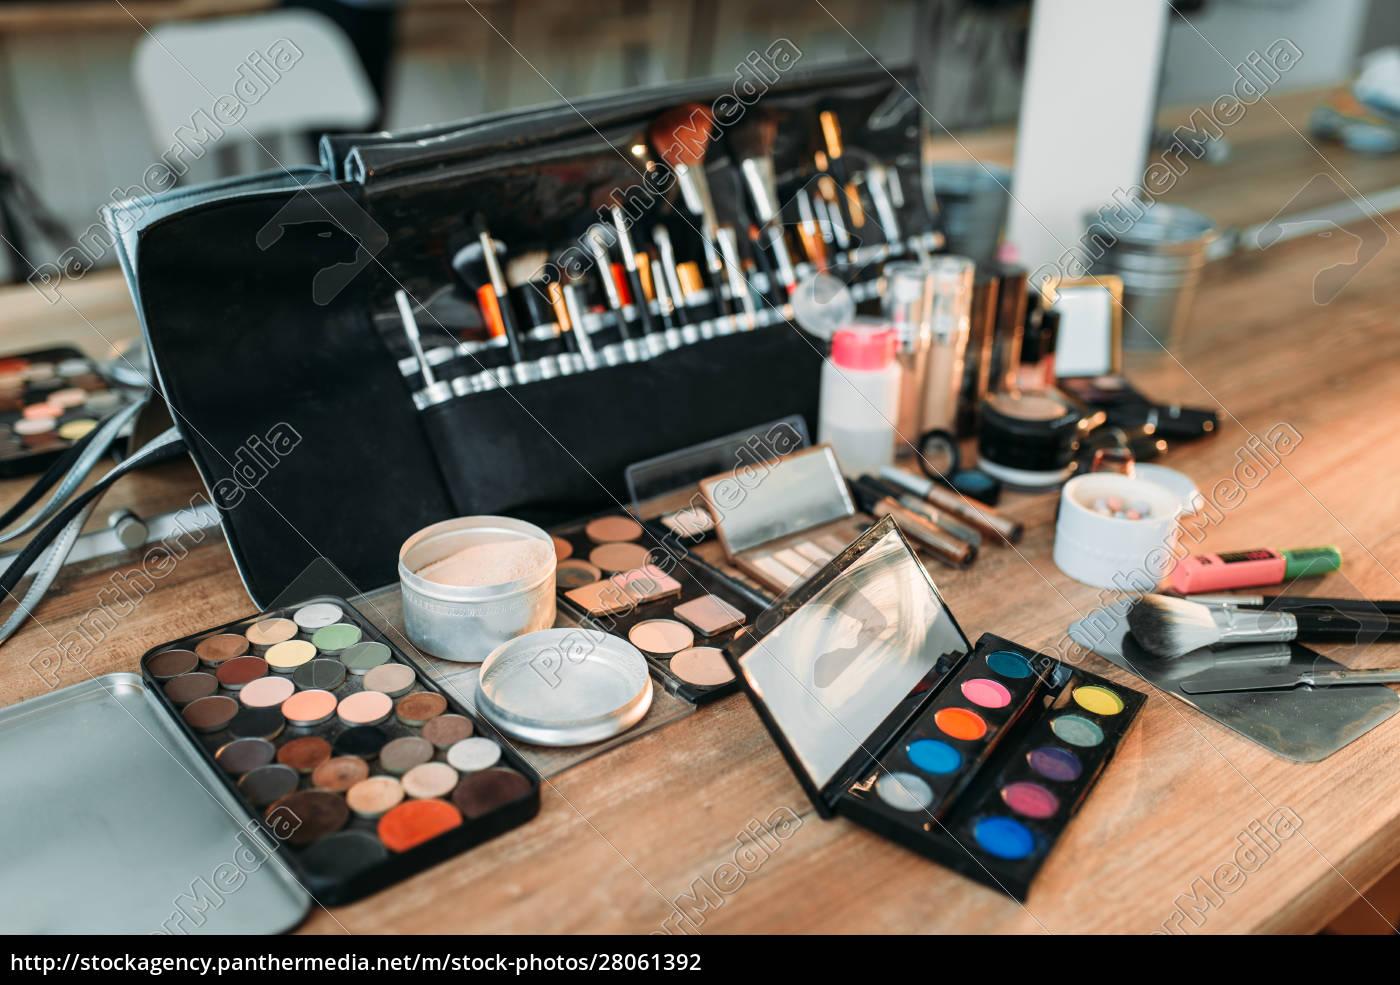 professional, makeup, artist, cosmetics, tools, closeup - 28061392